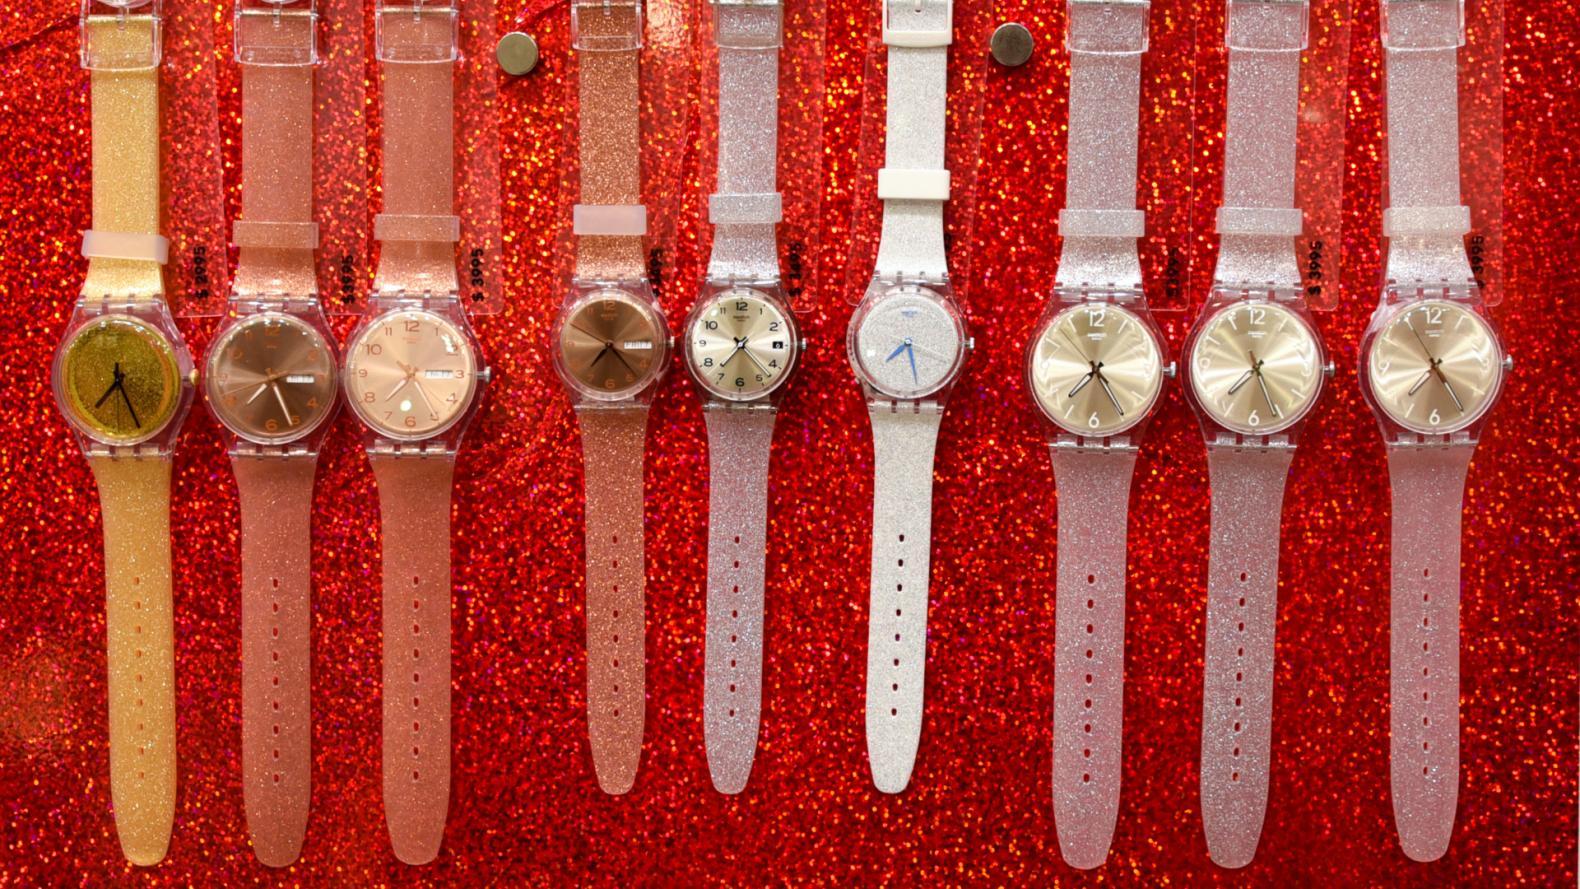 093b5cde00b4 La nueva colección de relojes Swatch